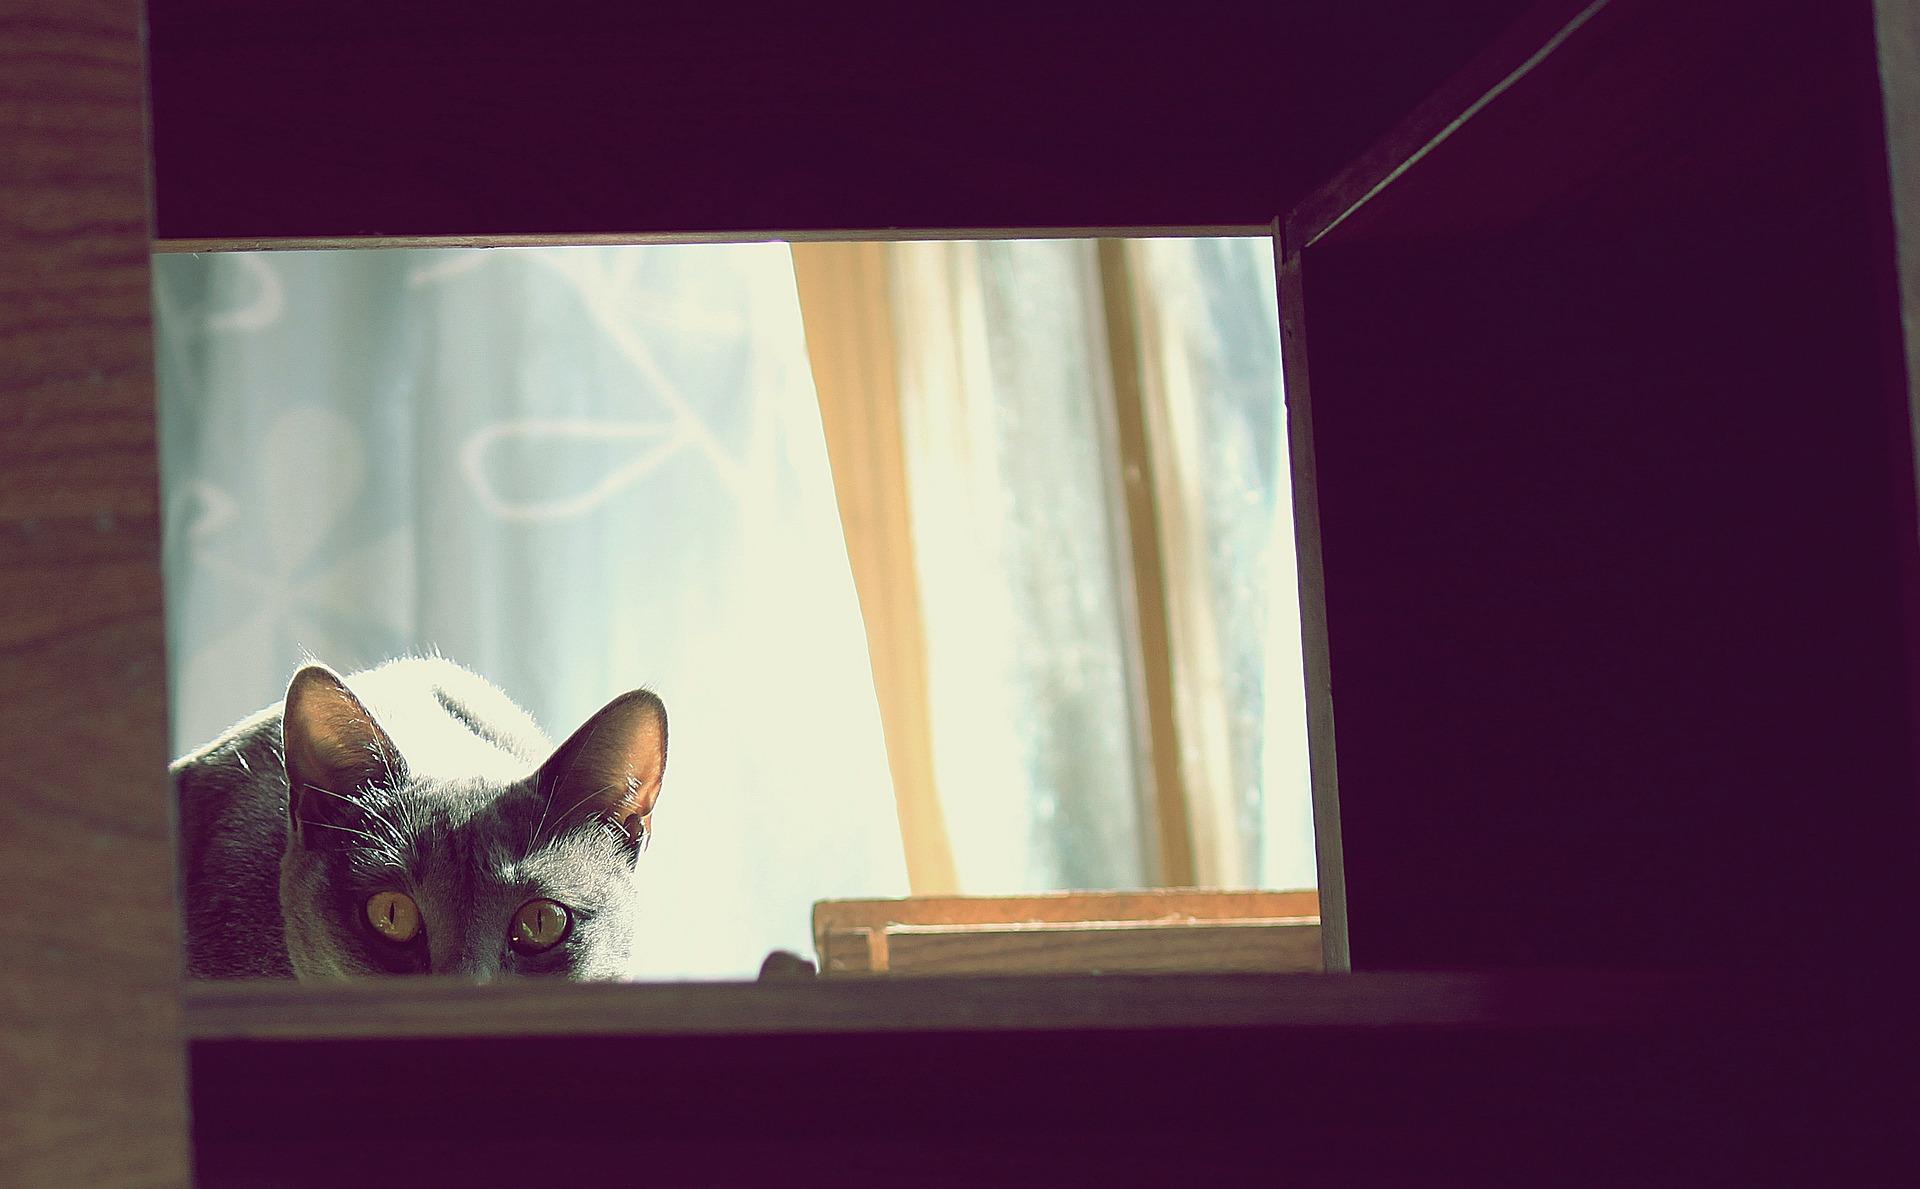 Los gatos pueden atacar si se sienten estresados